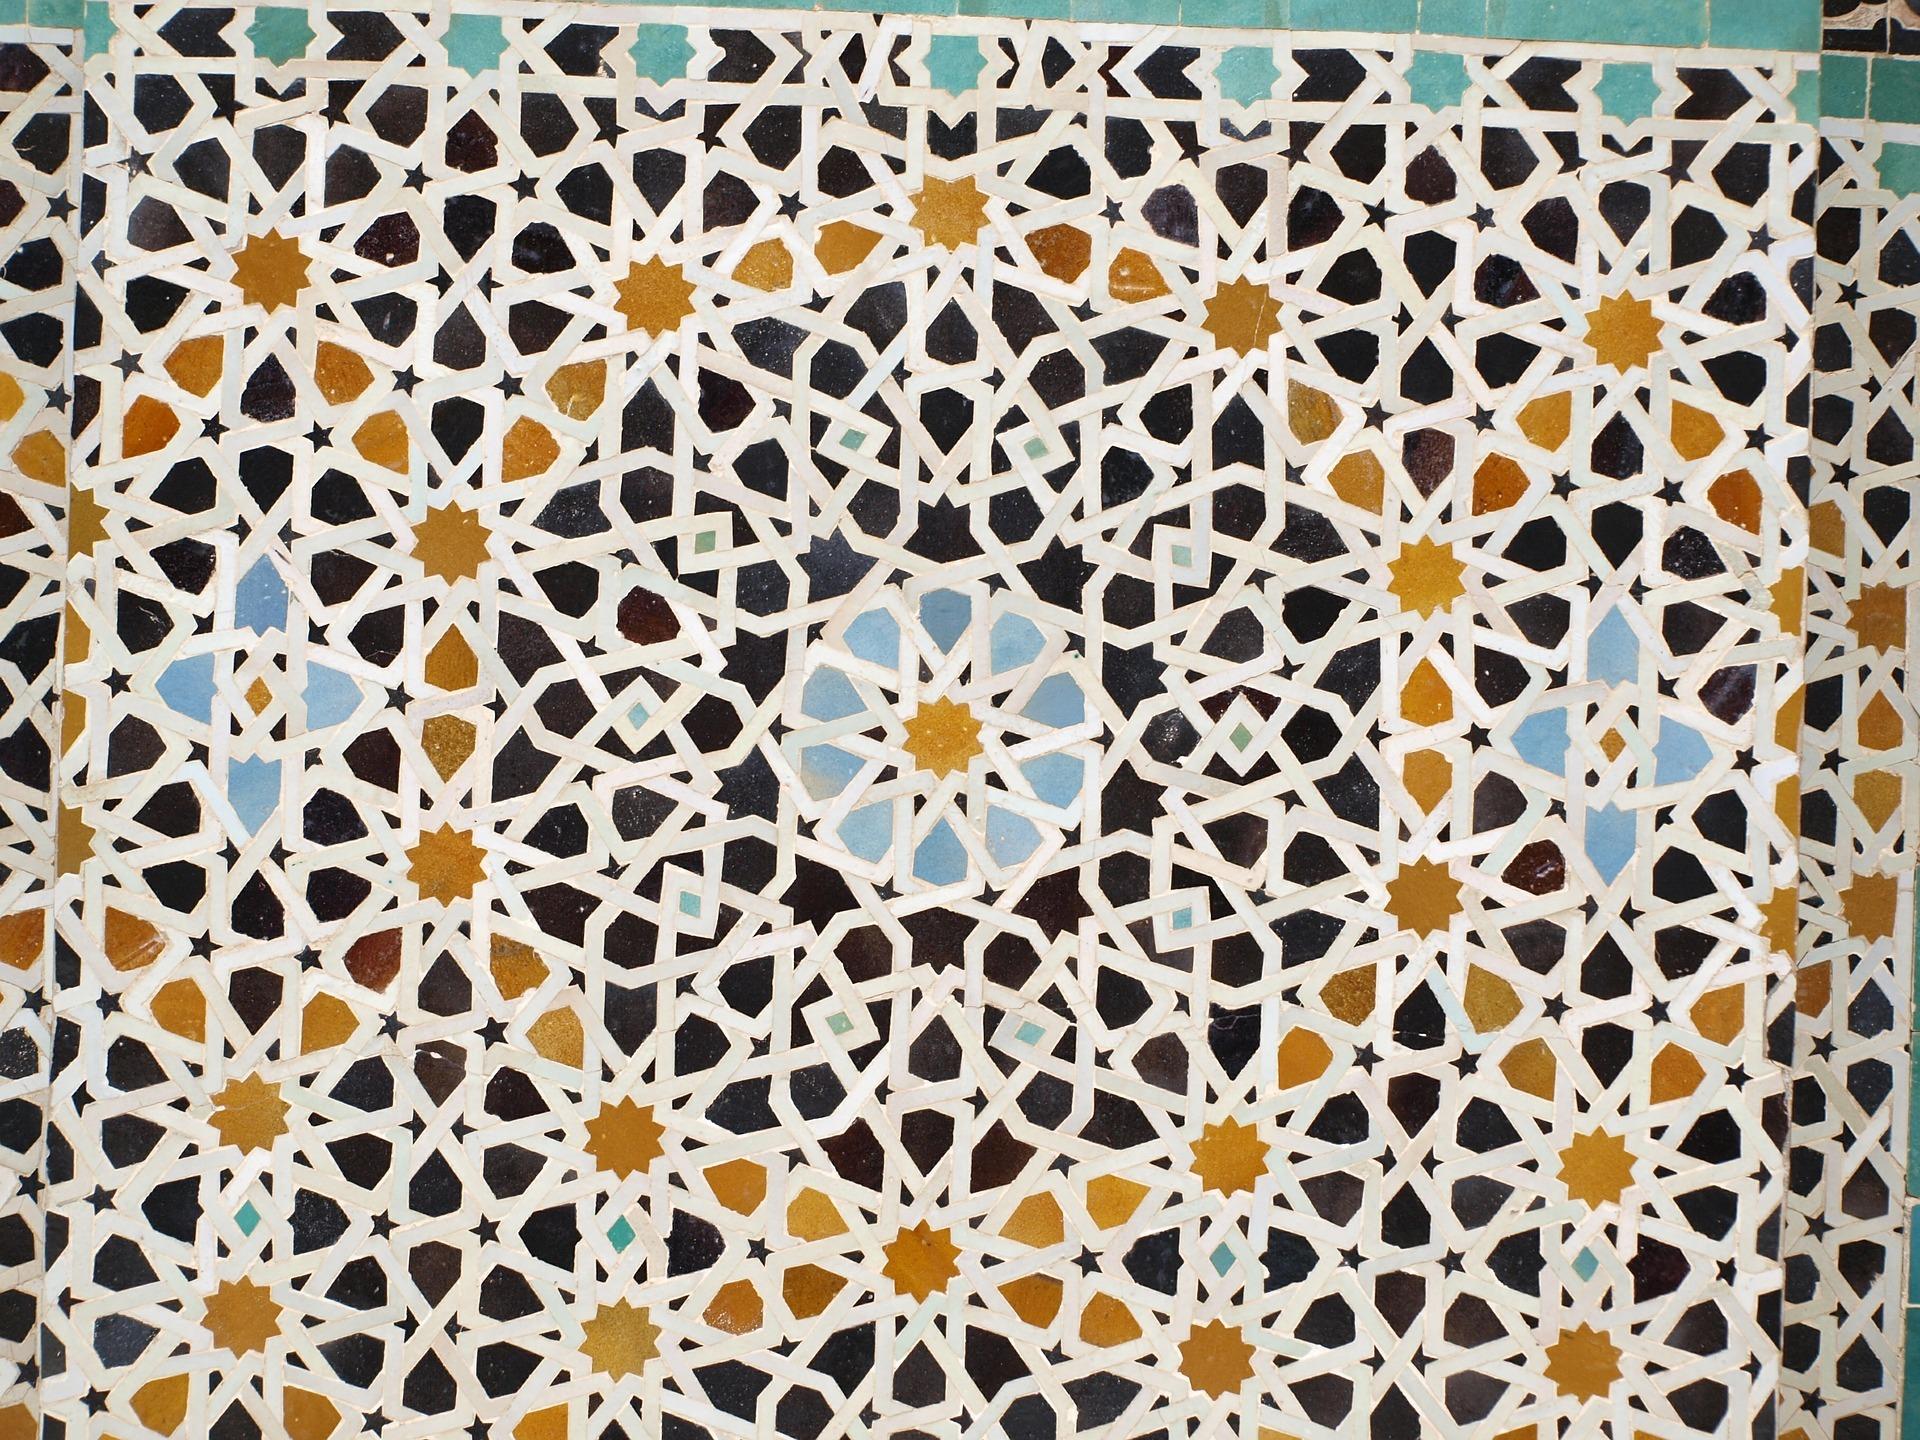 Ontdek de bijzondere koningssteden van Marokko - vanaf 10 dagen